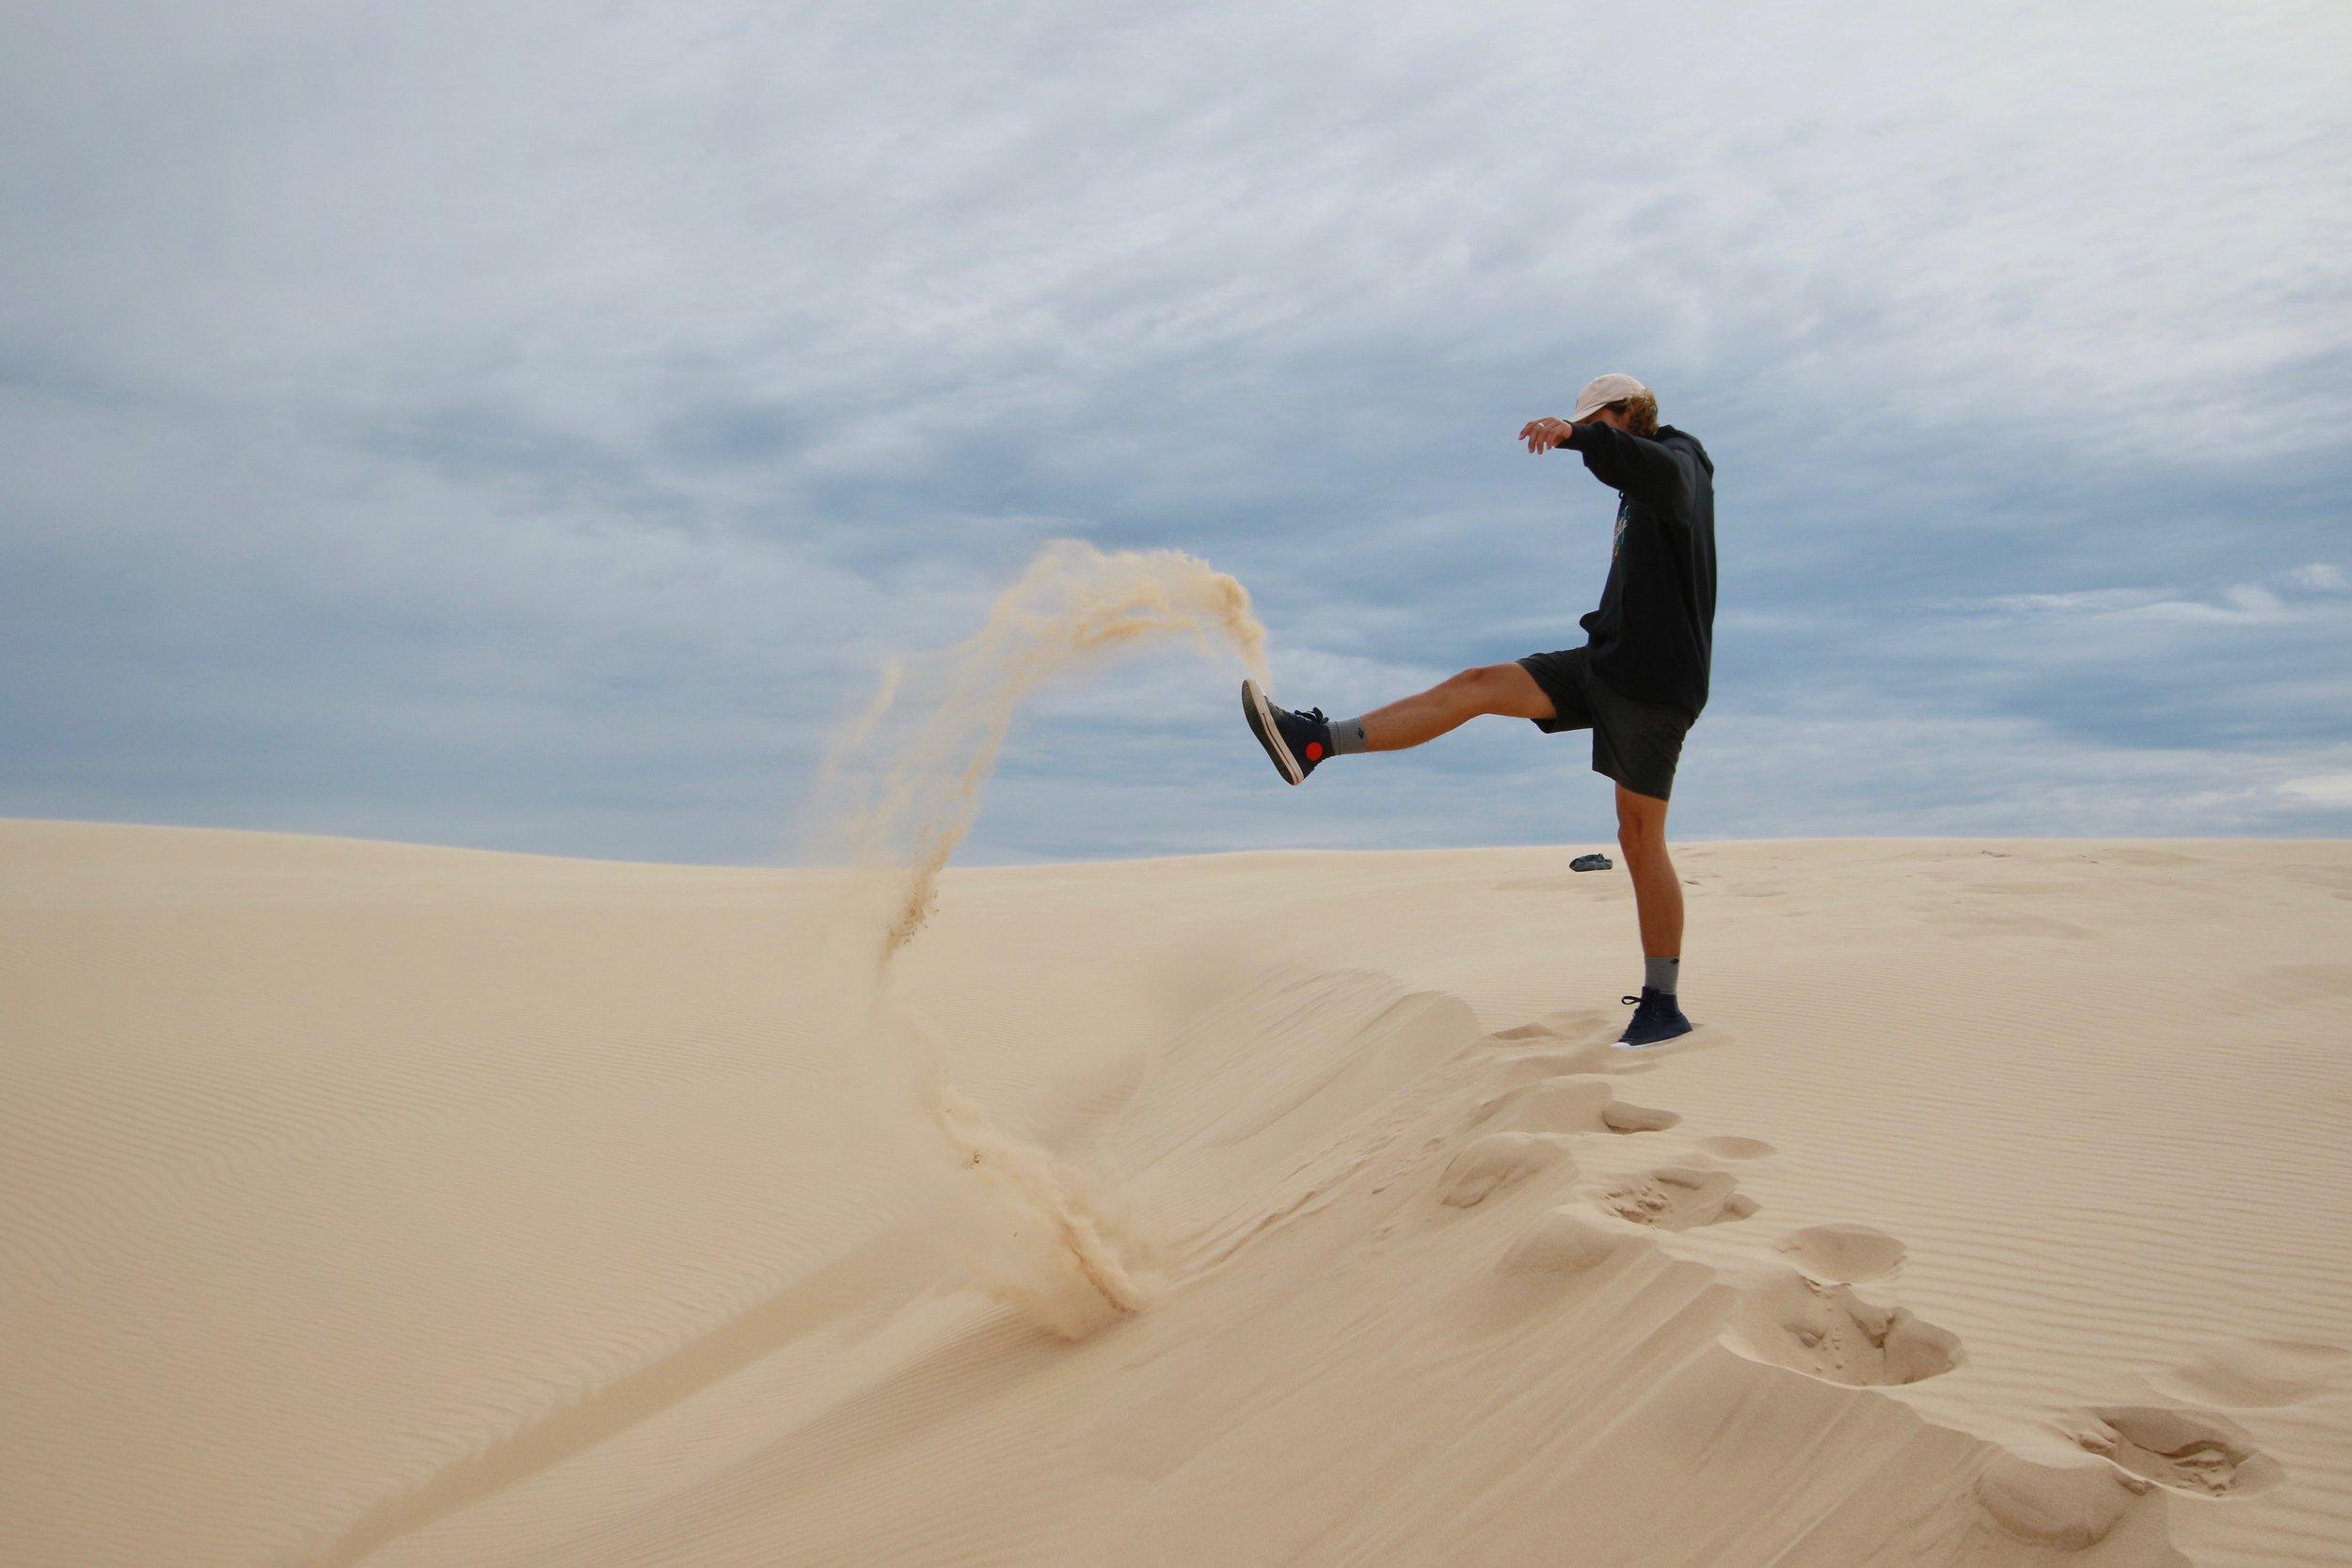 Desert - A desert somewhere in Australia